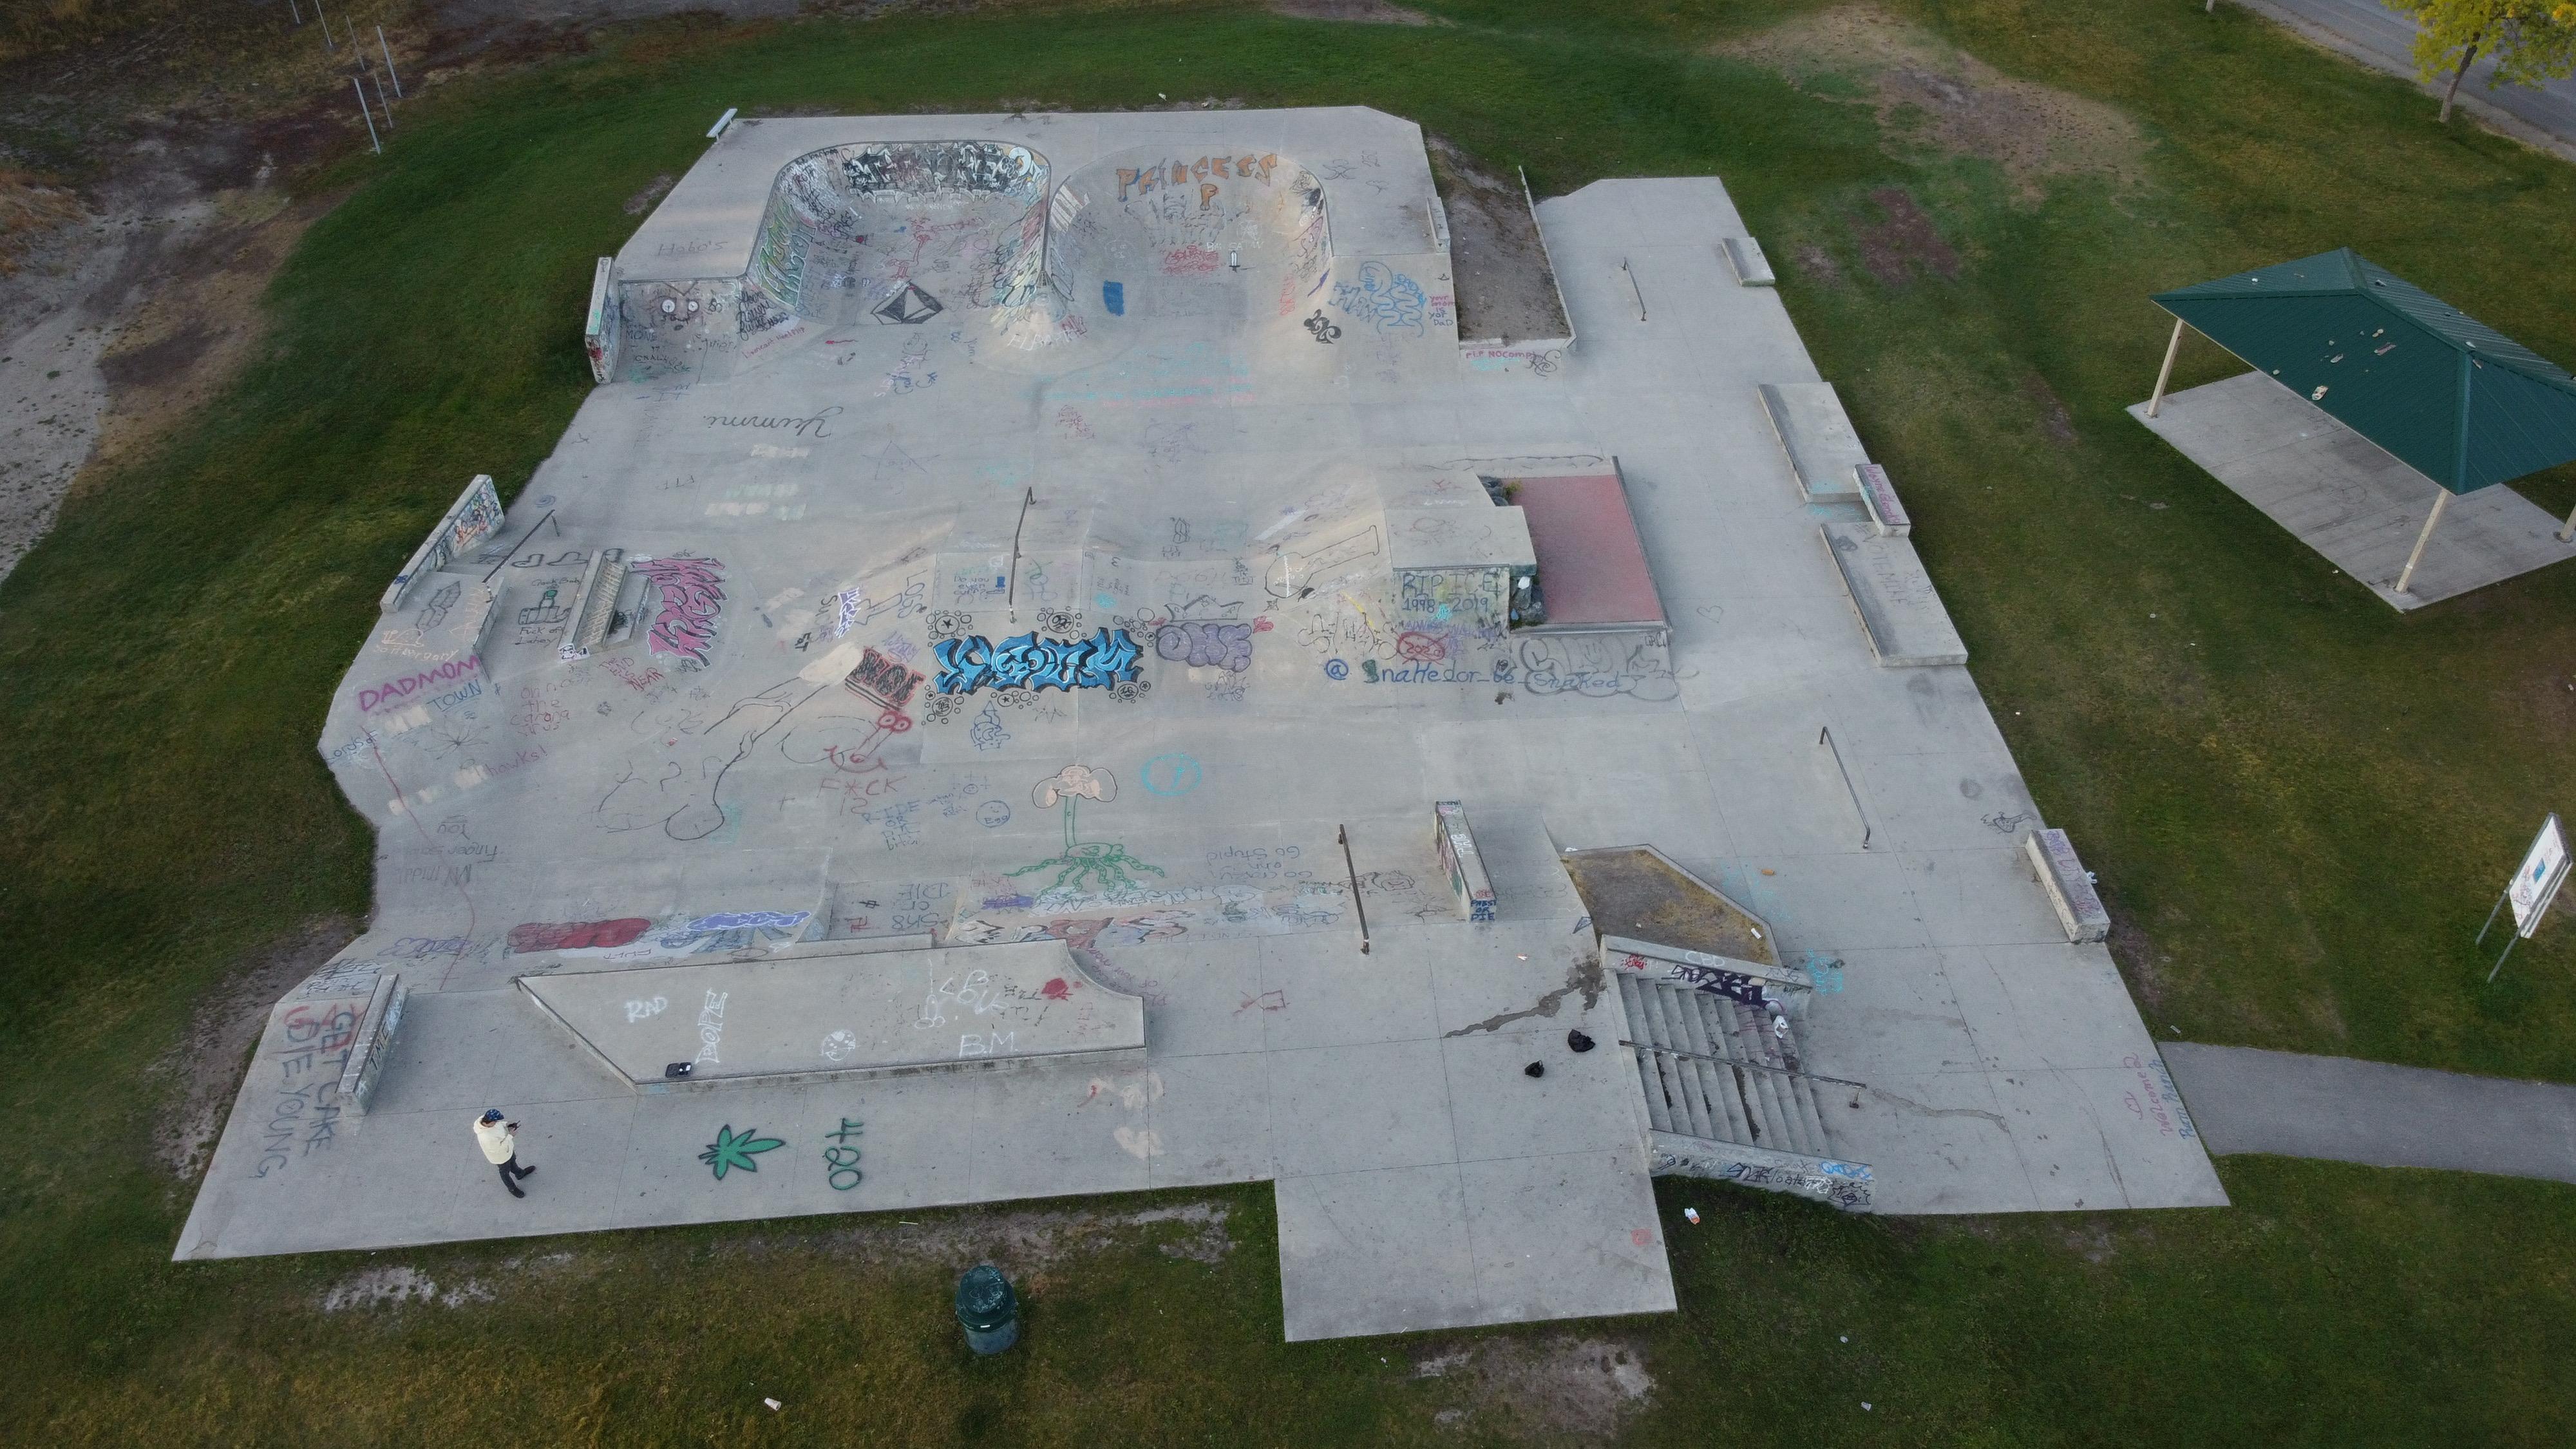 Cranbrook Skate Park